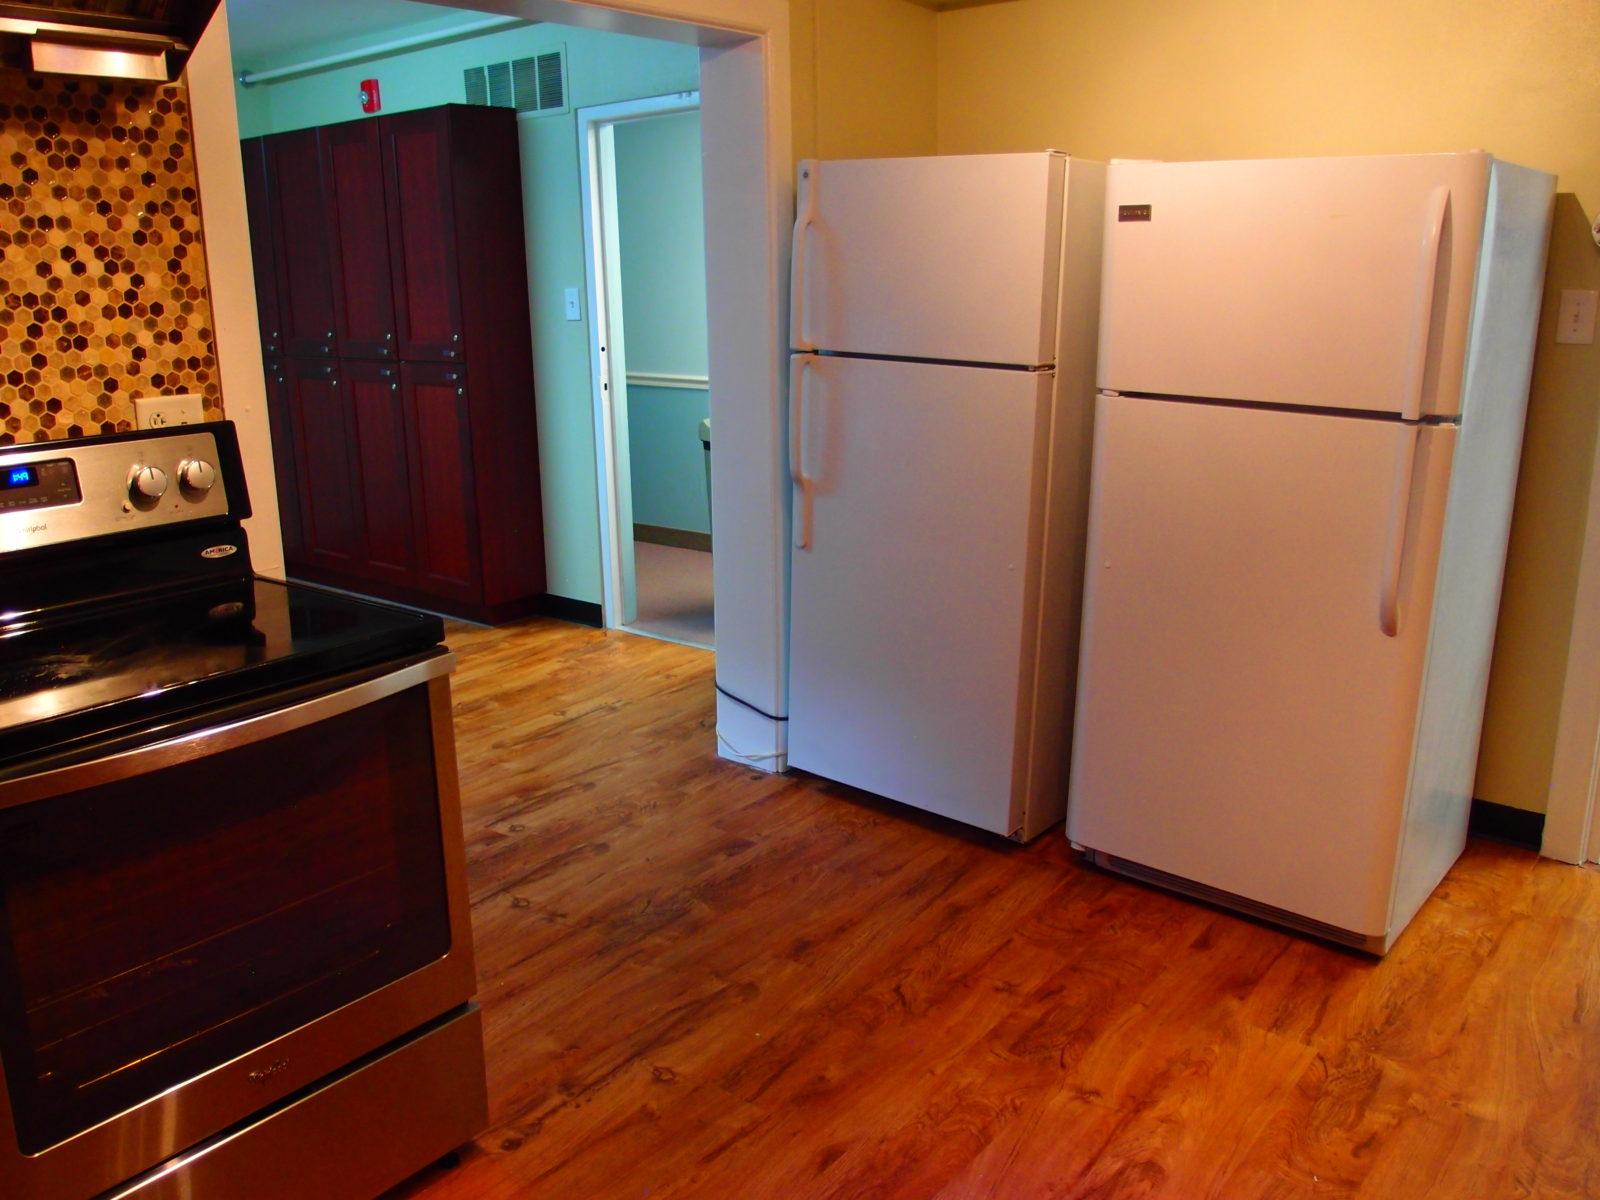 909 female kitchen fridge